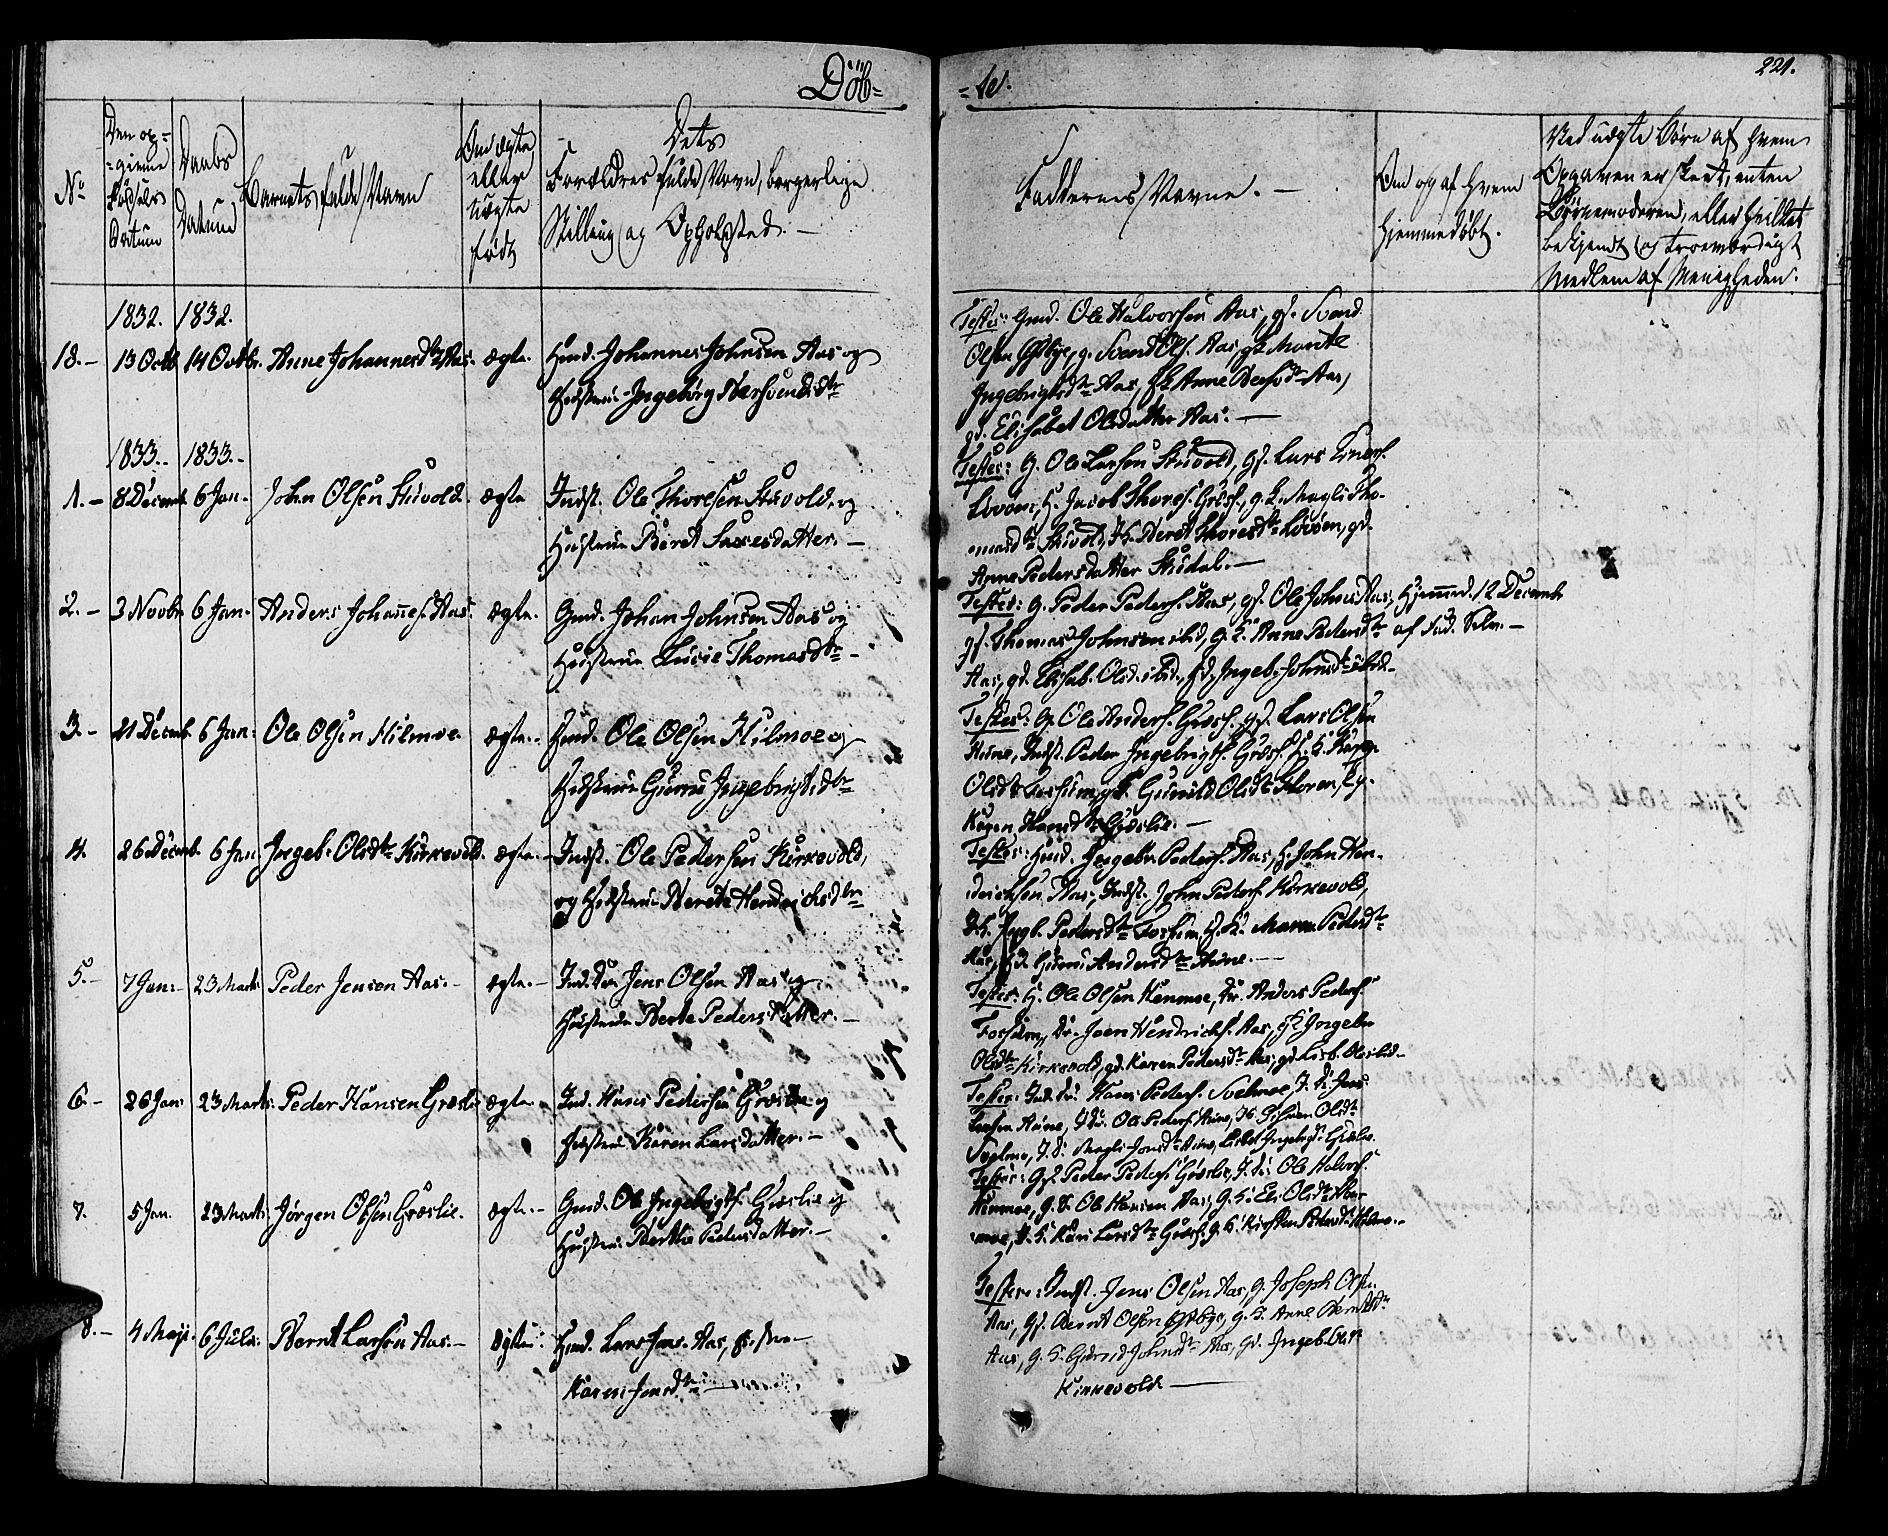 SAT, Ministerialprotokoller, klokkerbøker og fødselsregistre - Sør-Trøndelag, 695/L1144: Ministerialbok nr. 695A05 /2, 1824-1842, s. 221